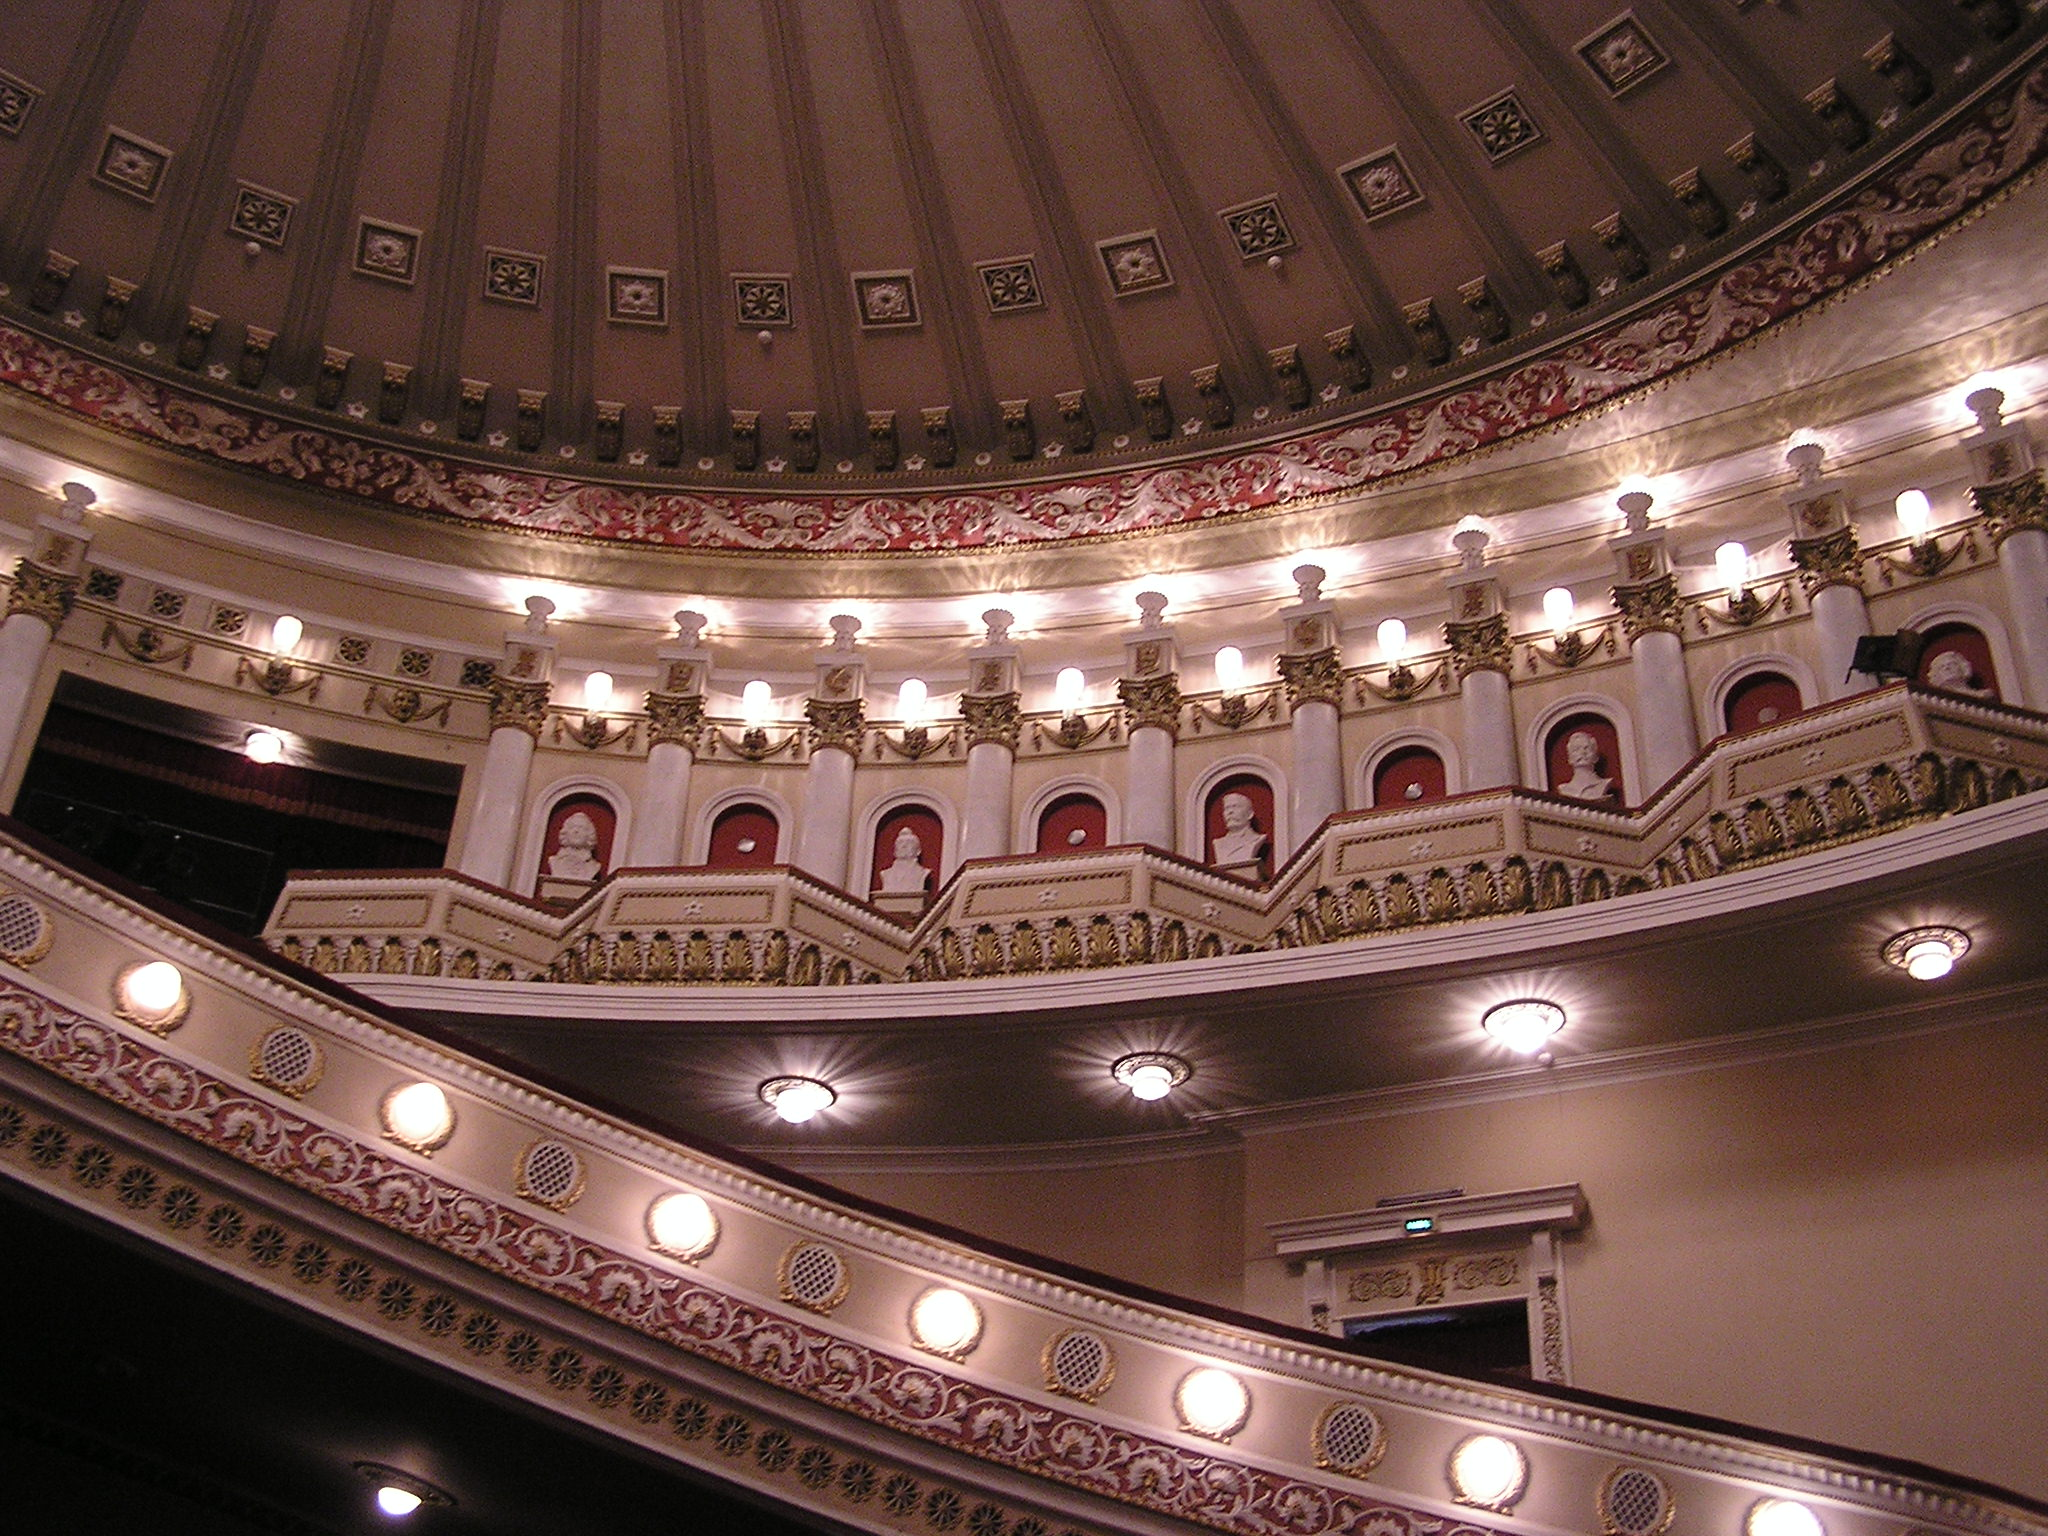 opera_yoshkar-ola.jpg